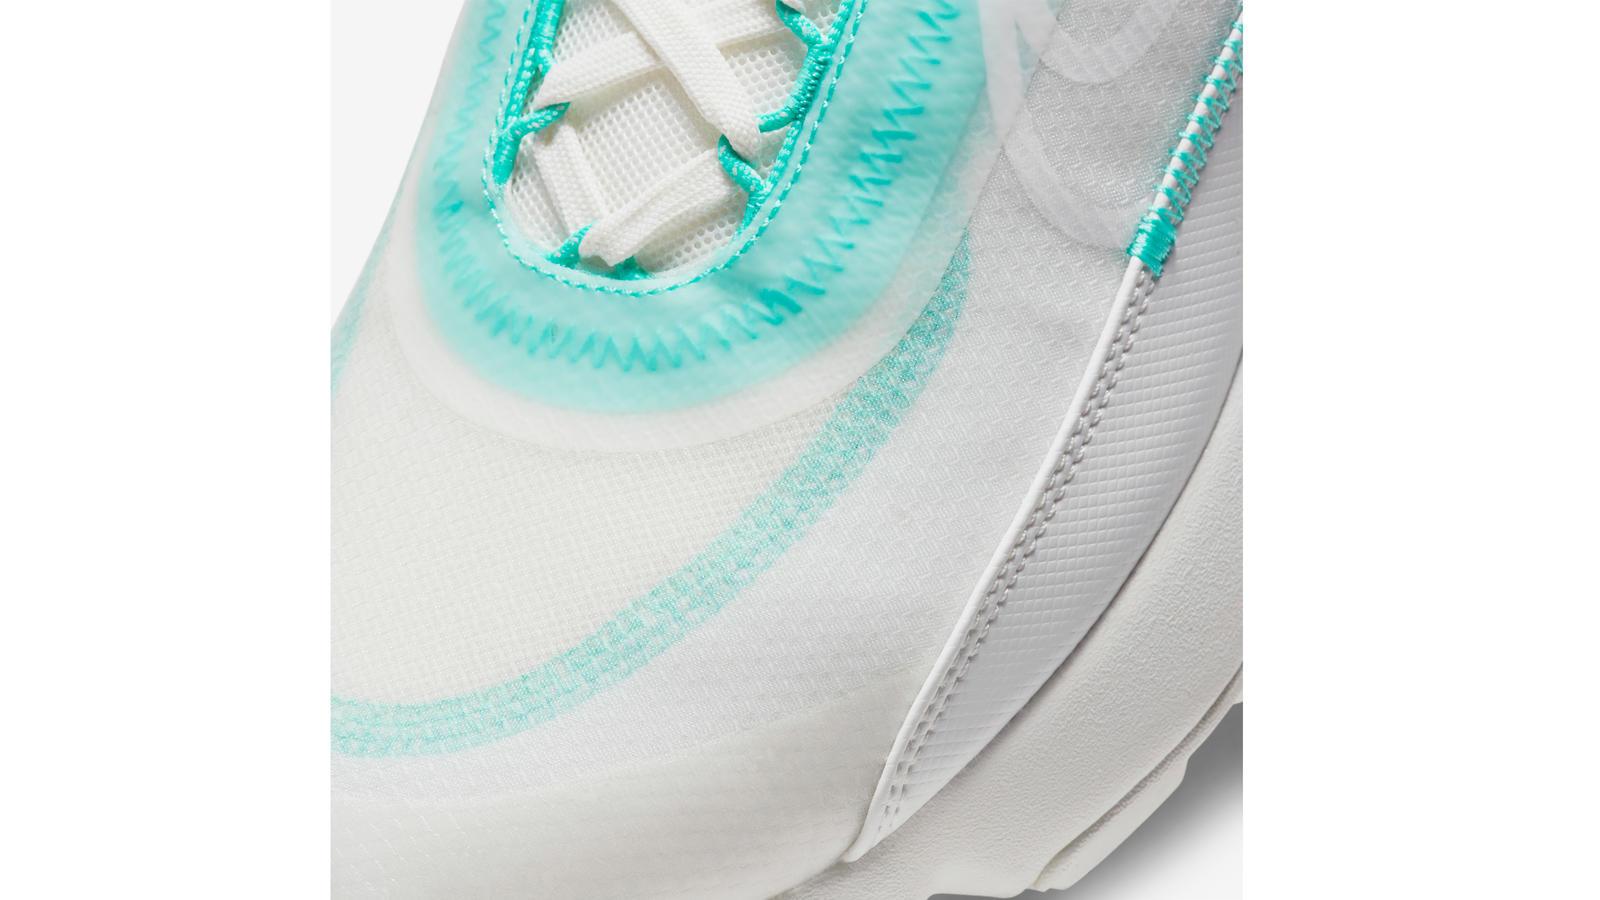 Nike Air Max 2090 Summer 2020 11